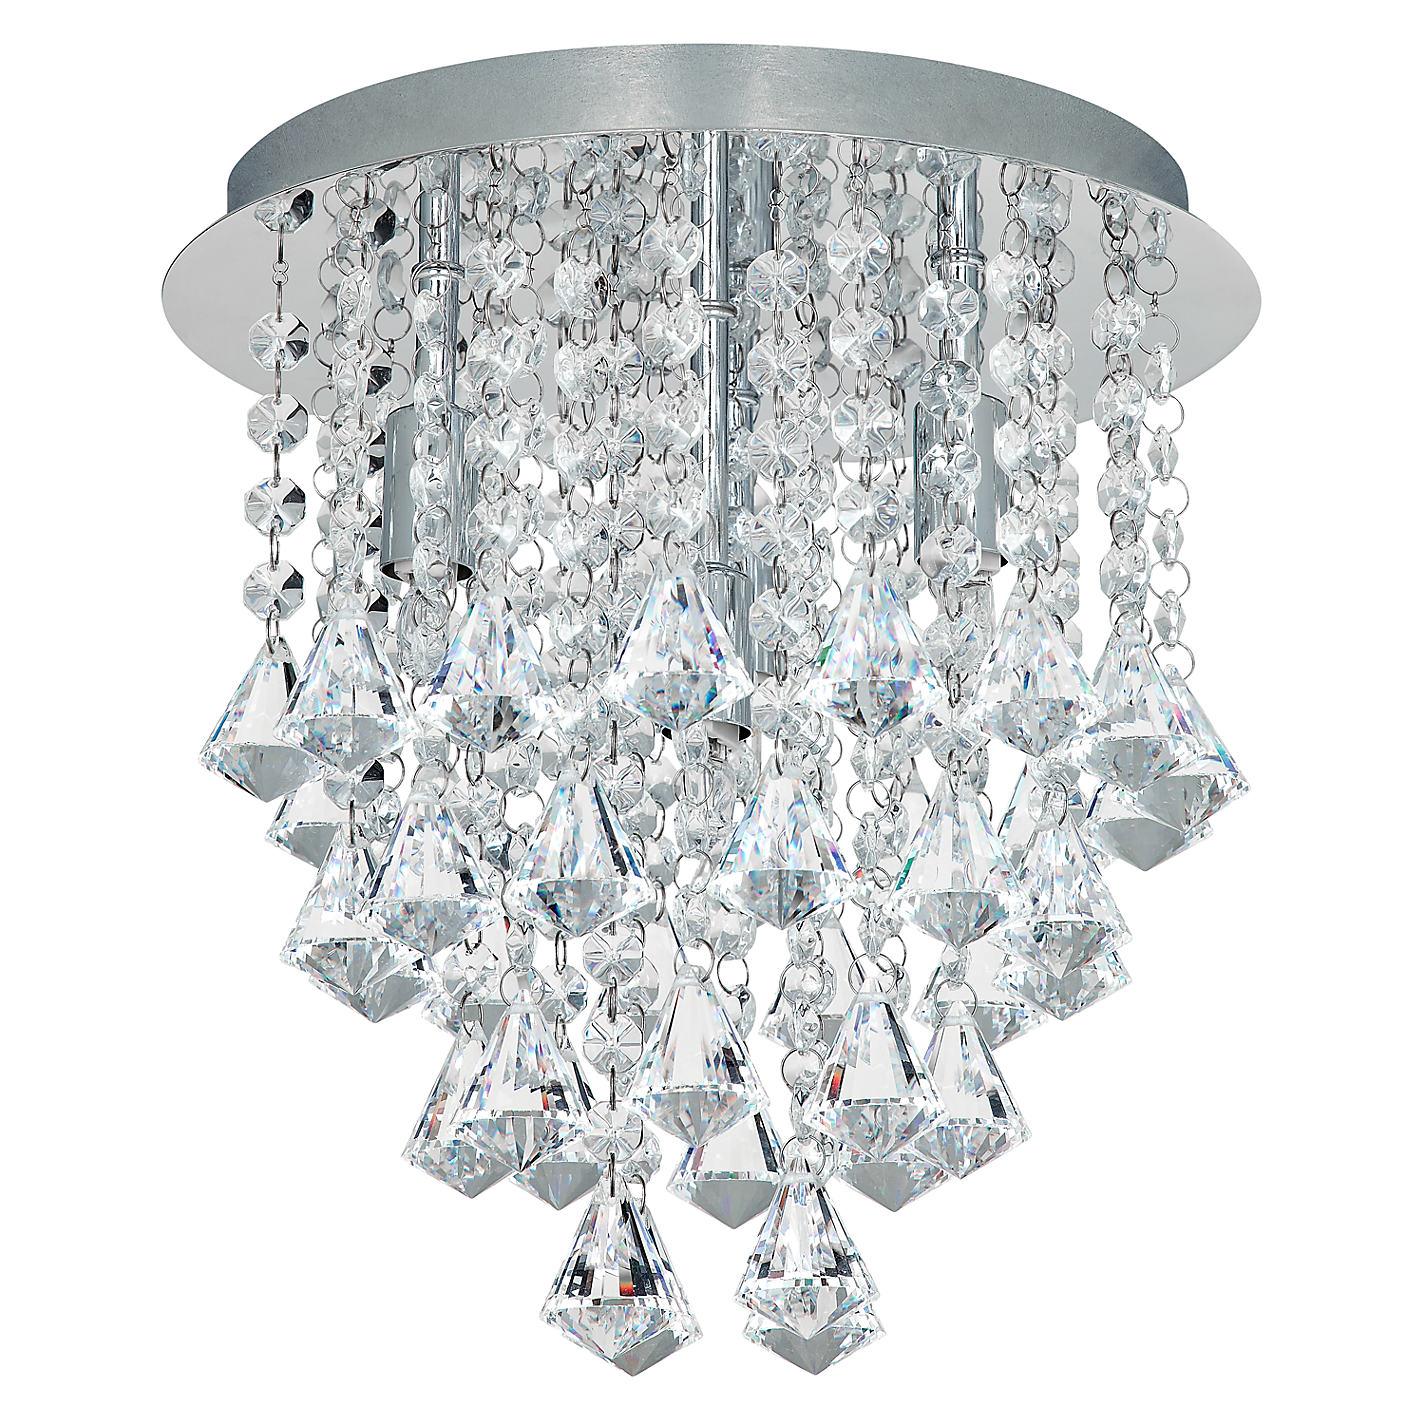 Buy john lewis katelyn semi flush ceiling light crystal john lewis buy john lewis katelyn semi flush ceiling light crystal online at johnlewis mozeypictures Gallery